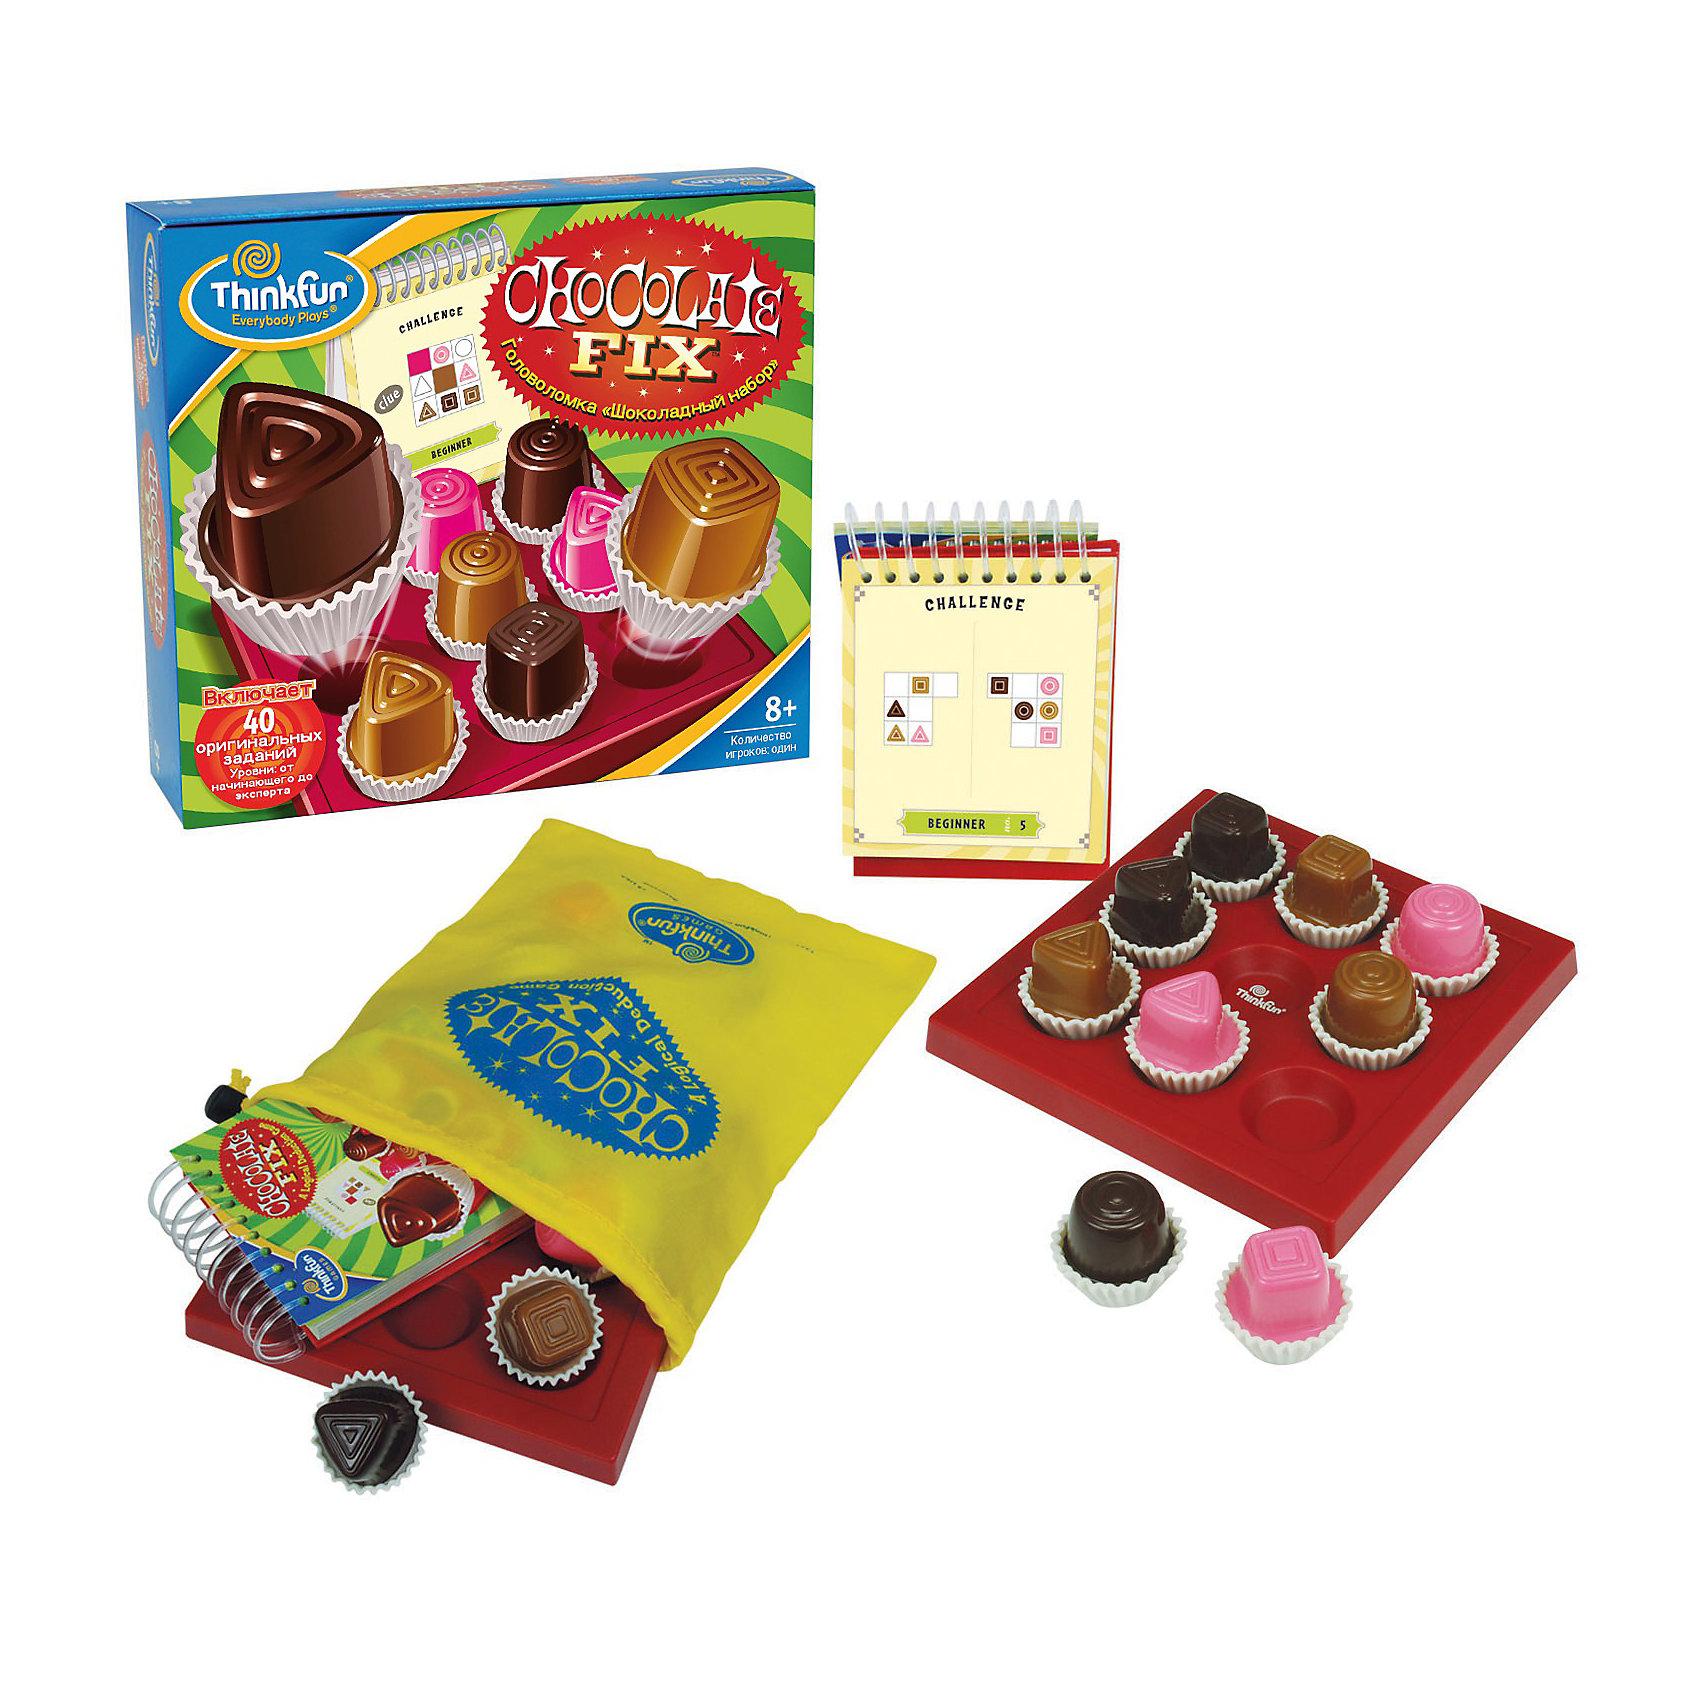 Игра-головоломка Шоколадный набор, ThinkfunГоловоломки<br>Игра-головоломка Шоколадный набор от Thinkfun в основном тренирует навыки дедукции и пространственного мышления. <br><br>Чтобы найти решение для каждого из заданий, вам придётся, опираясь на имеющиеся подсказки, отбрасывать неверные варианты расположения конфет в коробке один за другим. <br>Шоколадный набор - умное развлечение для детей и взрослых. Ваша цель: Используя подсказки в блокноте, попробуйте расположить все 9 шоколадных конфет в коробке в правильном порядке. Чтобы проверить себя, переверните страницу. <br><br>Начать играть просто: <br>1.  Внимательно посмотрите на подсказки, показанные на карточке. <br>2.  Разместите «конфеты» так, как показано на одной подсказке. <br><br>Дополнительная информация:<br><br>- Игра включает 40 оригинальных заданий. <br>- Уровни: от начинающего до эксперта (4 уровня).<br>- Количество игроков: один. <br><br>Игру-головоломку Шоколадный набор, Thinkfun можно купить в нашем интернет- магазине.<br><br>Ширина мм: 65<br>Глубина мм: 203<br>Высота мм: 222<br>Вес г: 452<br>Возраст от месяцев: 96<br>Возраст до месяцев: 1188<br>Пол: Унисекс<br>Возраст: Детский<br>SKU: 2148451